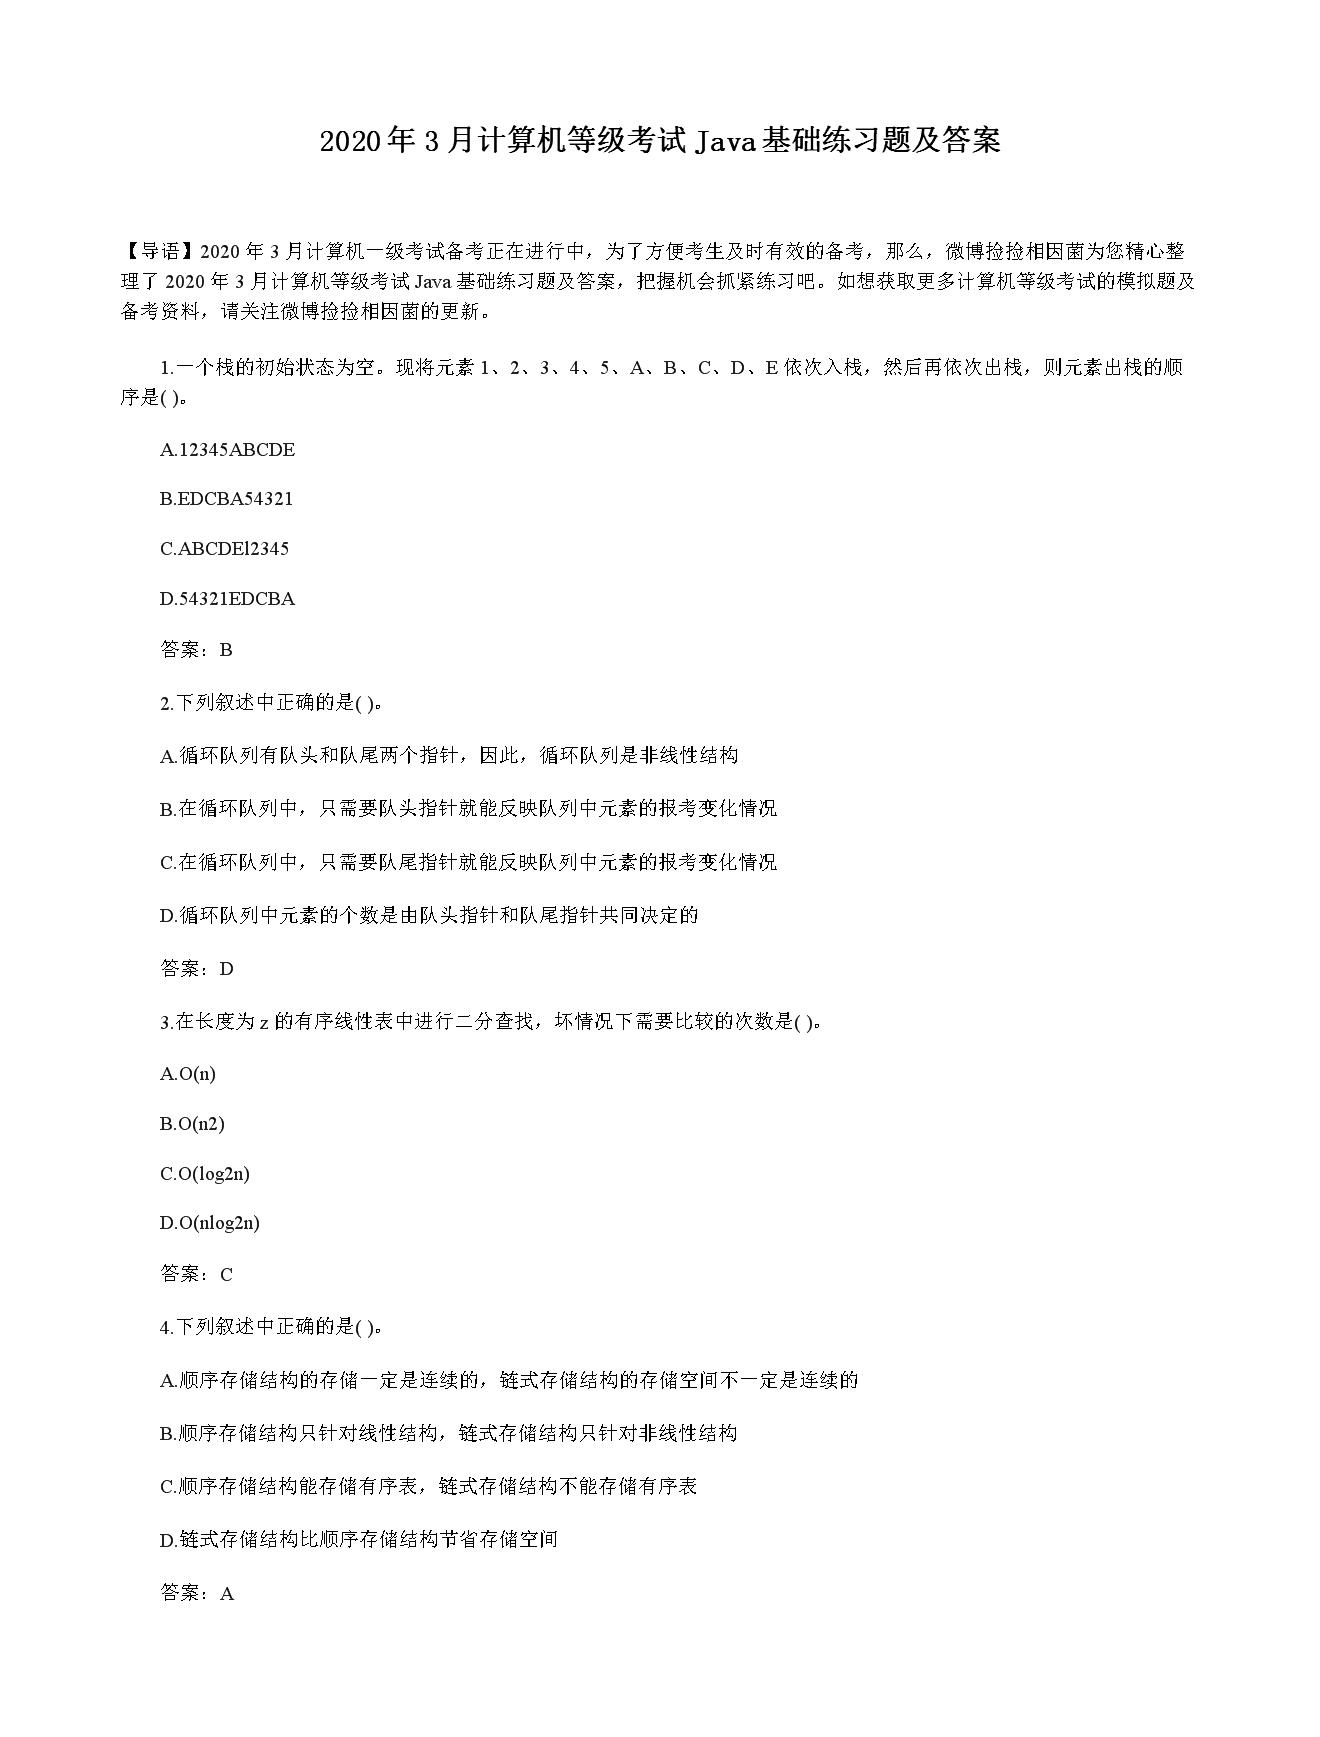 2020年3月计算机等级考试Java基础练习题及答案.doc